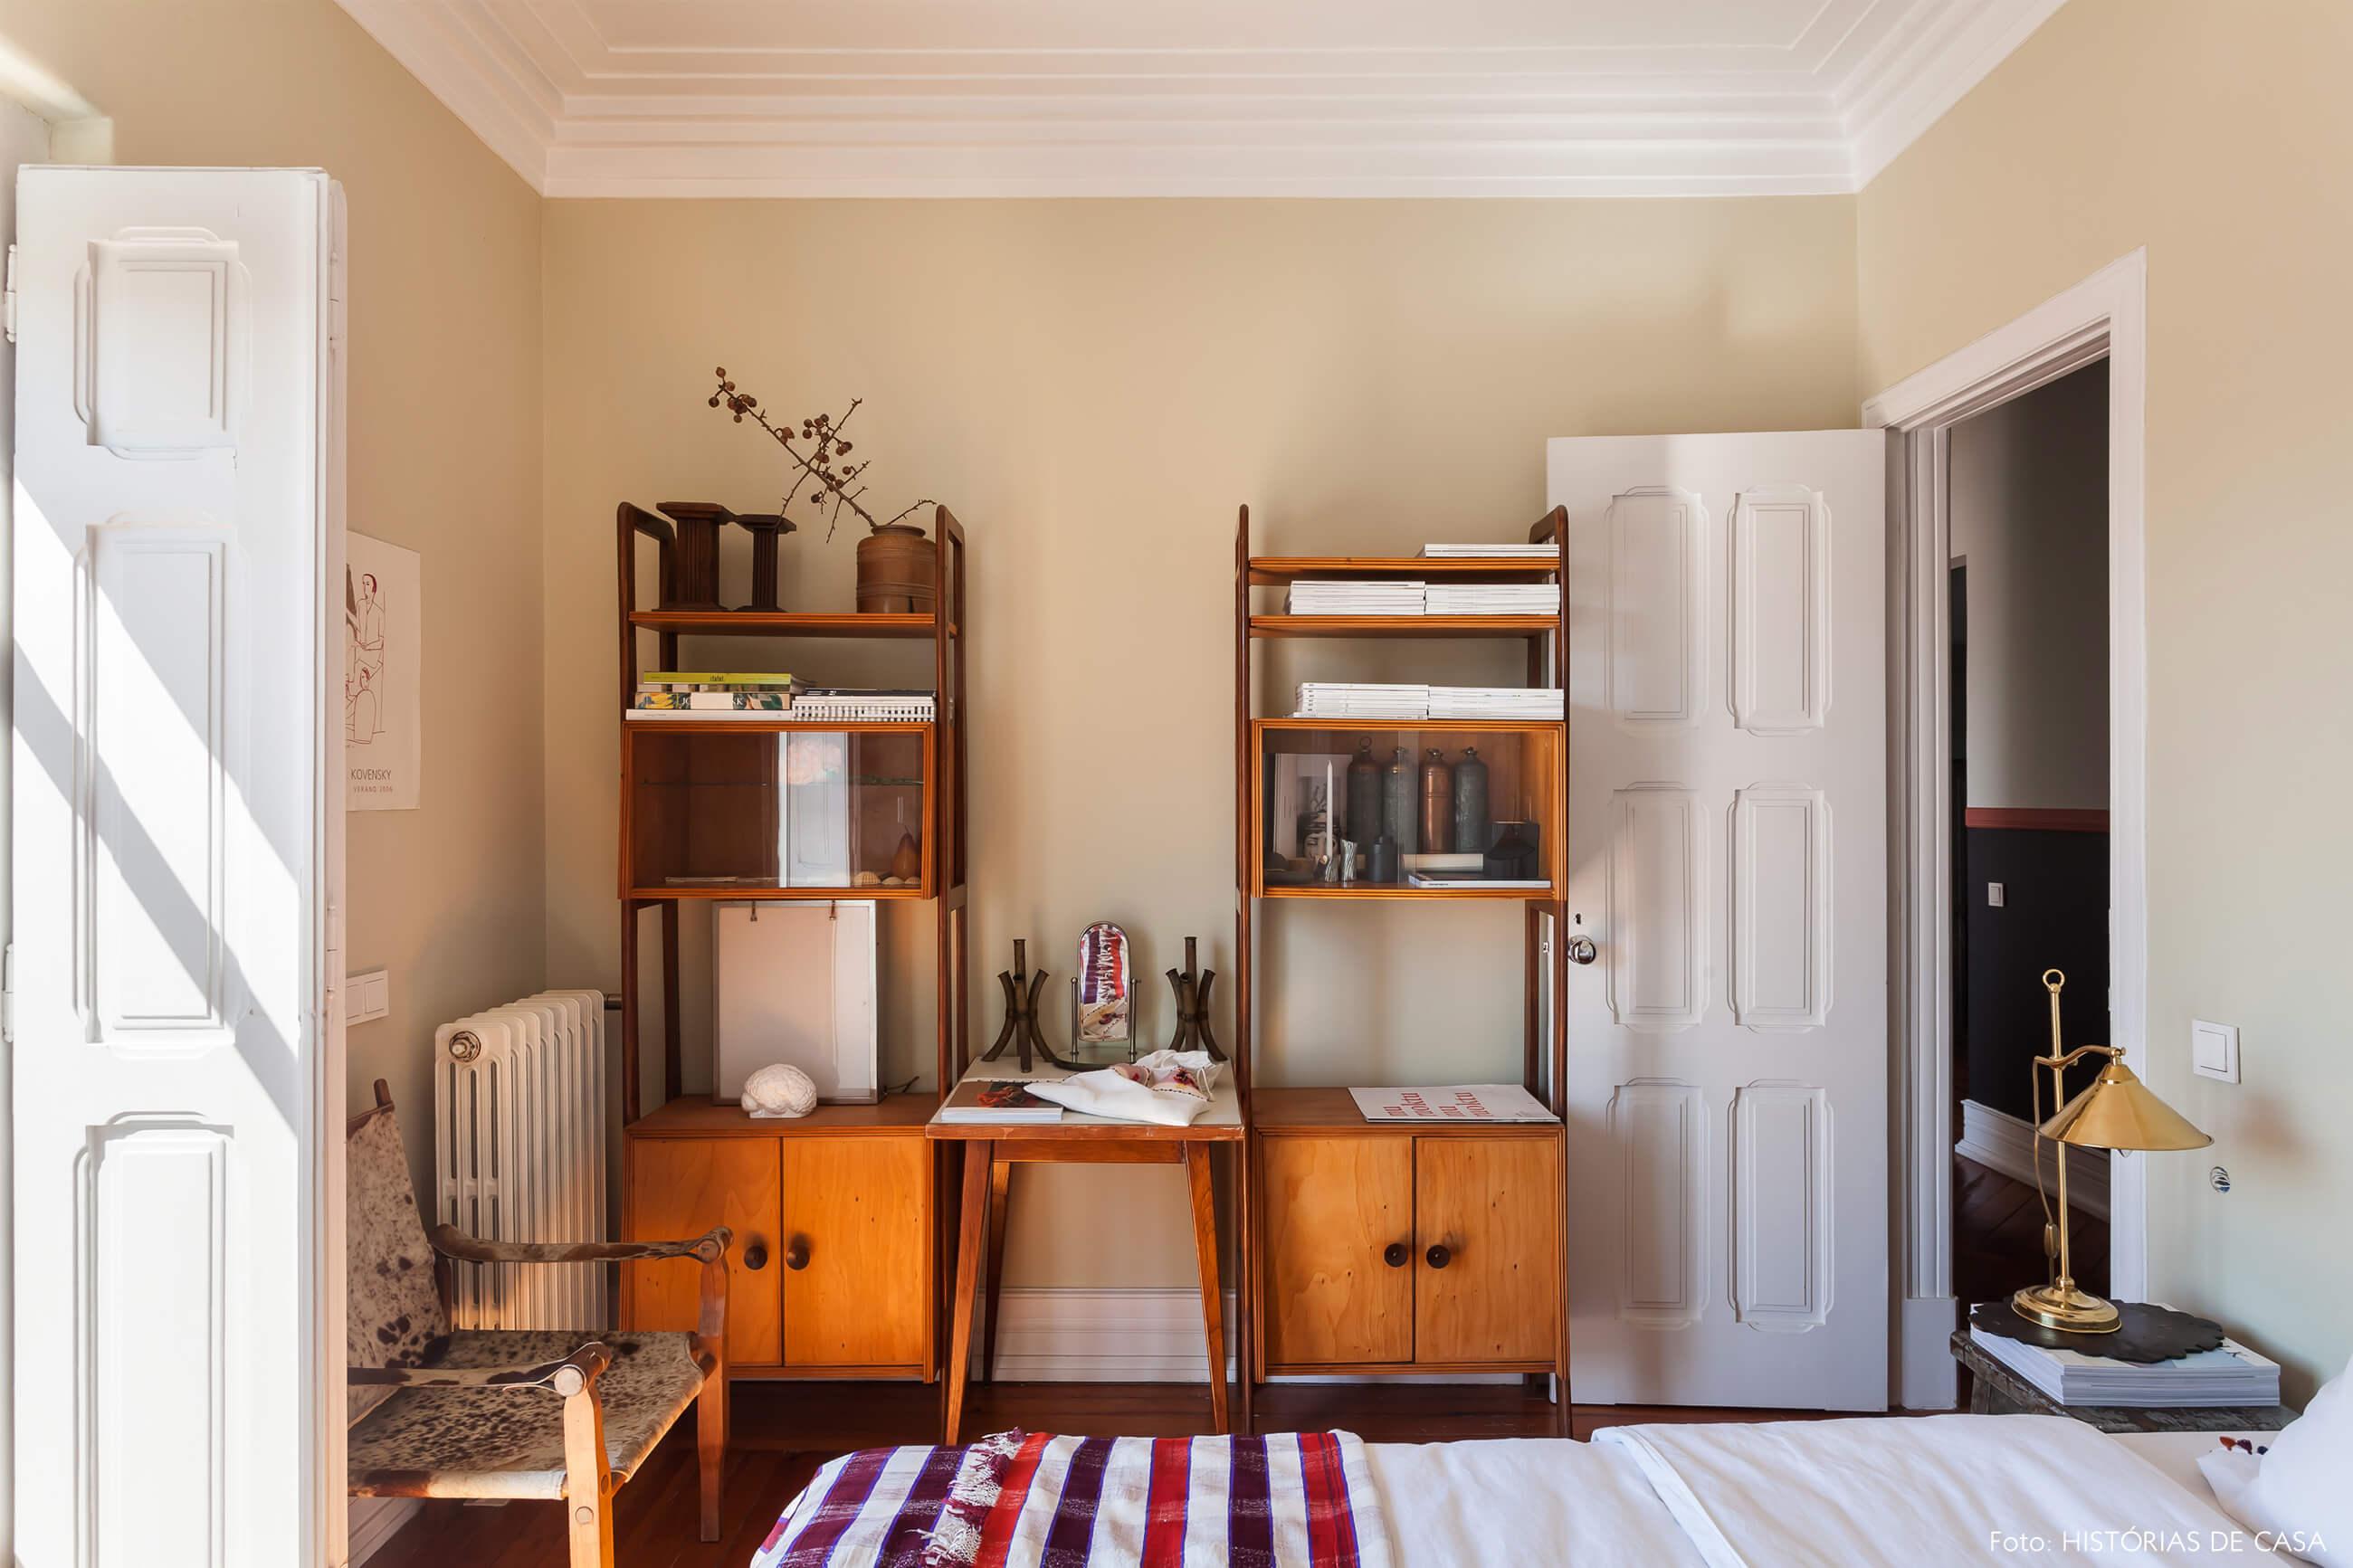 Ap decoração com estantes de madeira e parede bege